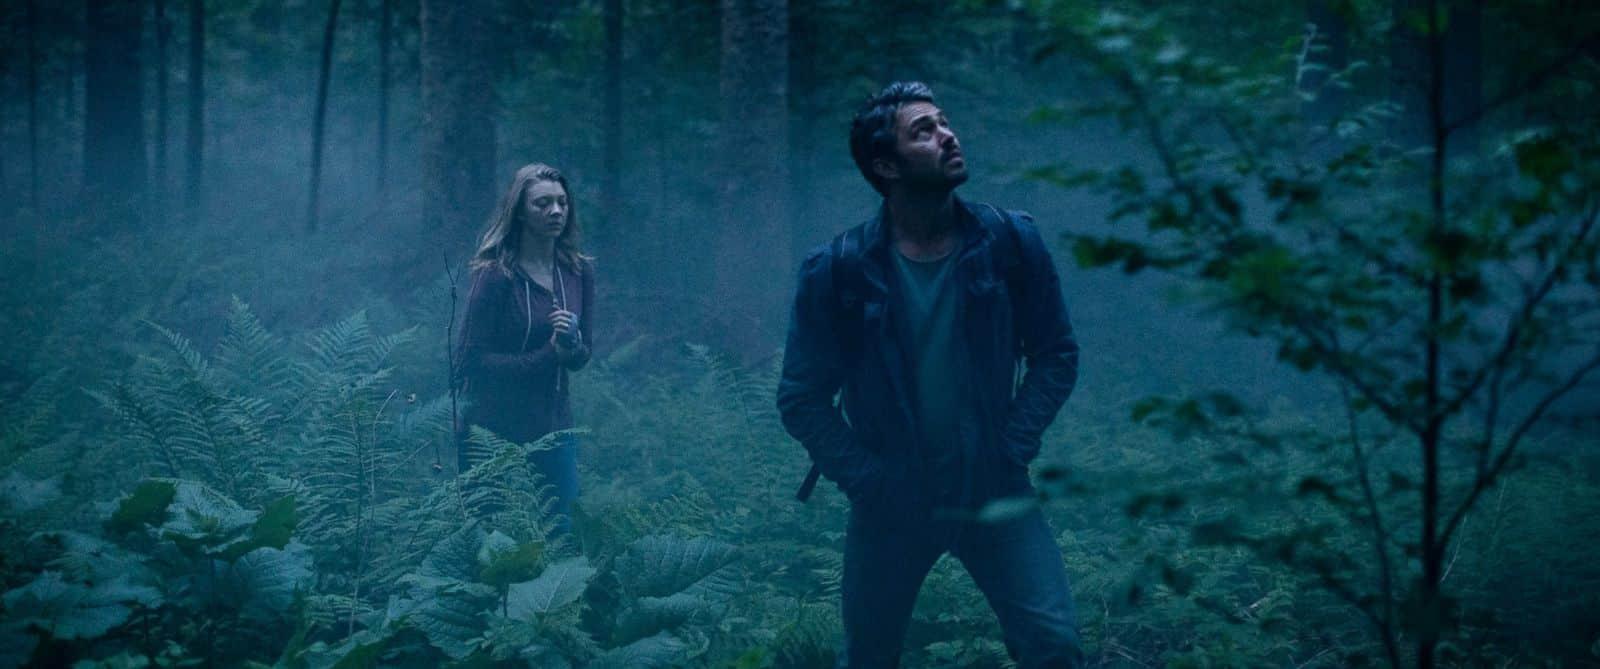 Natalie Dormer y Taylor Kinney en la cinta de terror, 'El Bosque Siniestro', (The Forest). © 2015 - Gramercy Pictures